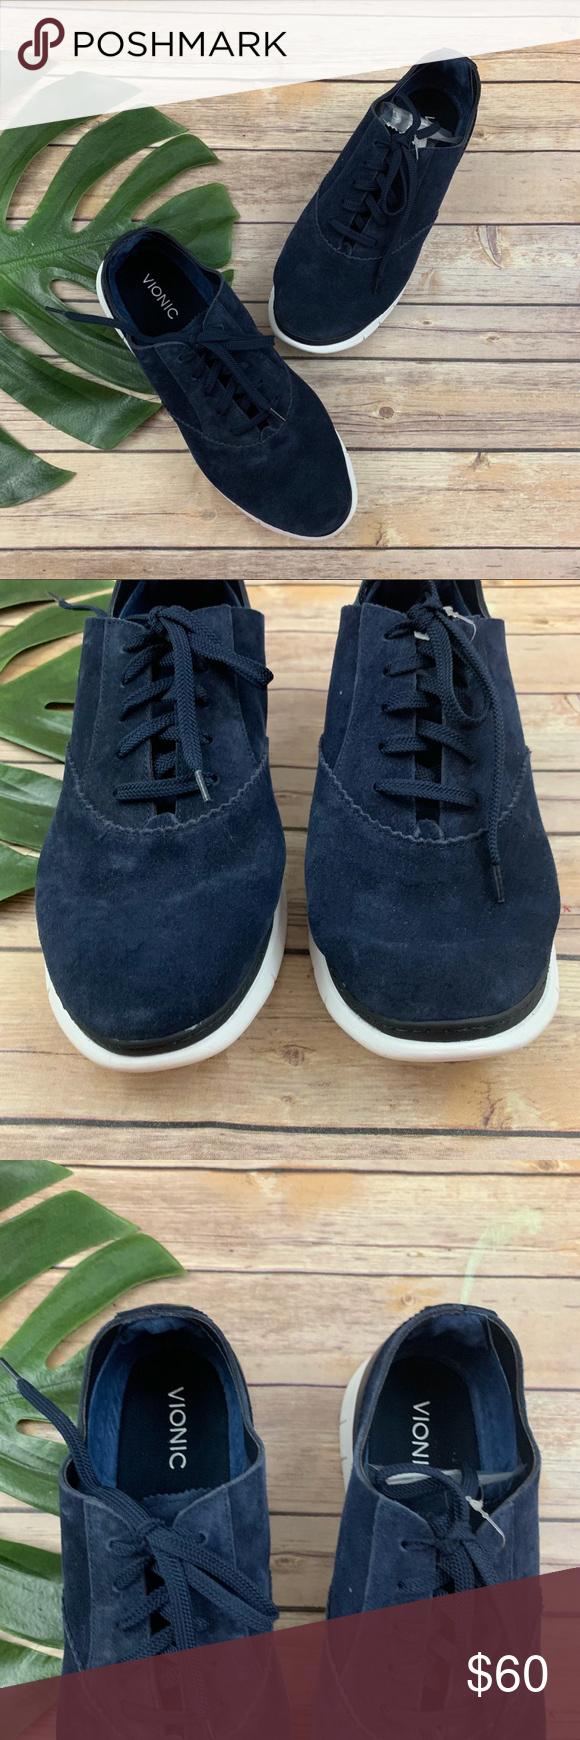 Vionic navy blue suede comfort sneakers